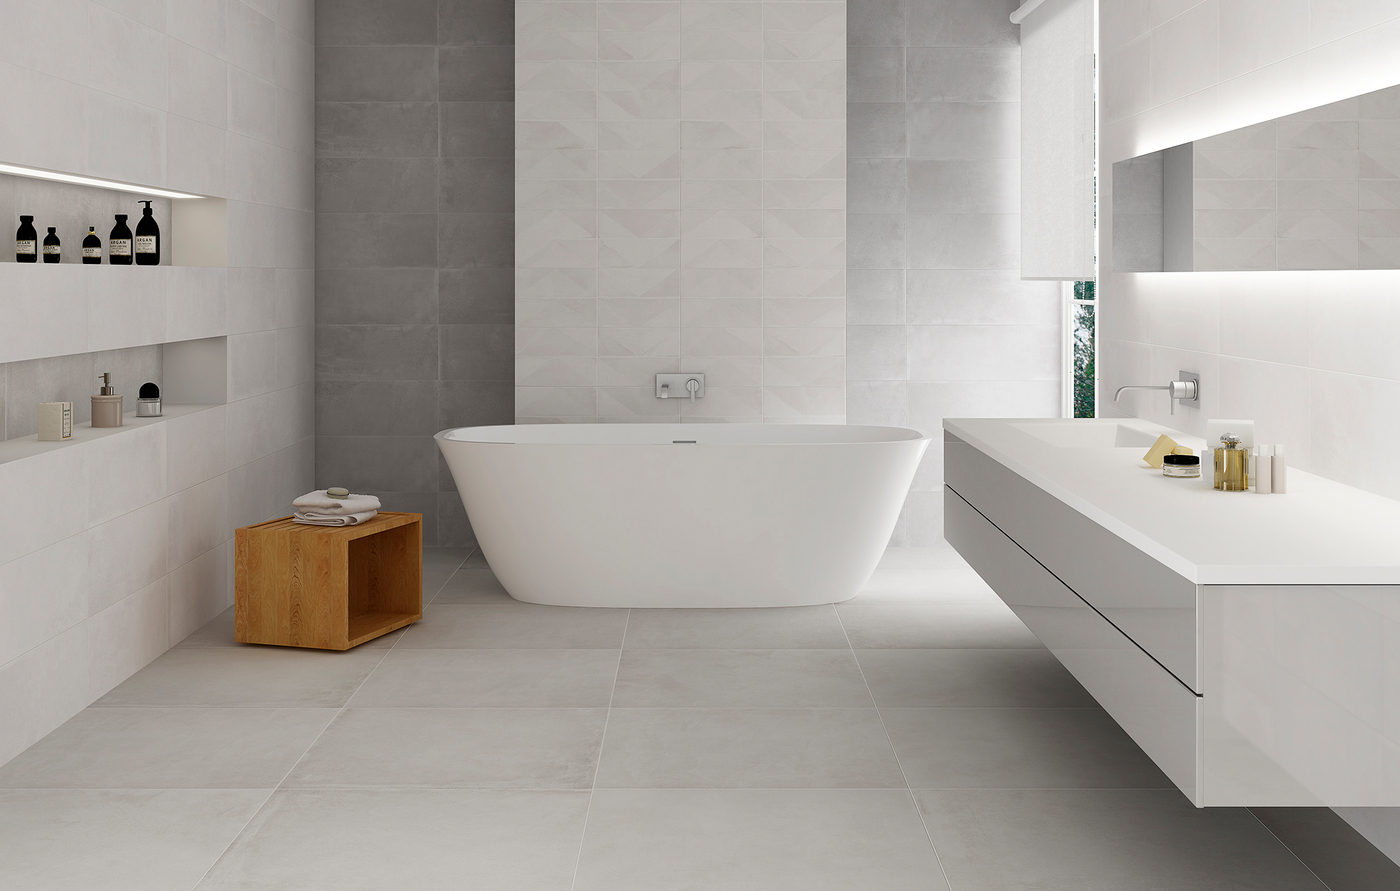 Rénovation salle de bain de chambre d\'hôtel - Hotel-Renovation.fr